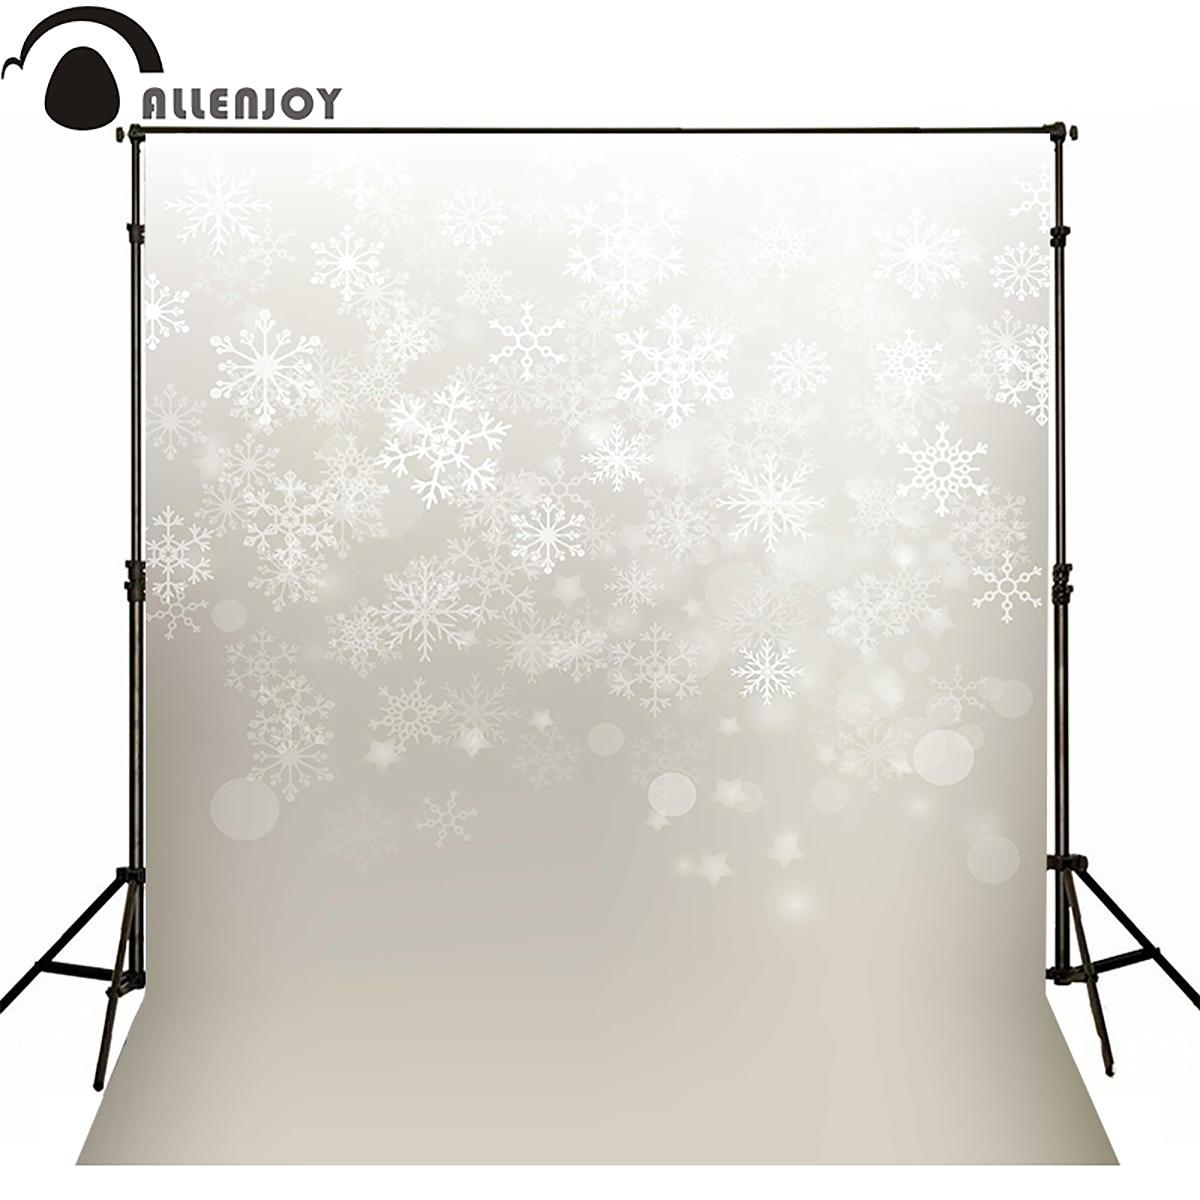 Аллен радость рождества xmas снежинки зимние новорожденные снег фон фотосессия винил фотографии фонов ткани мультфильм